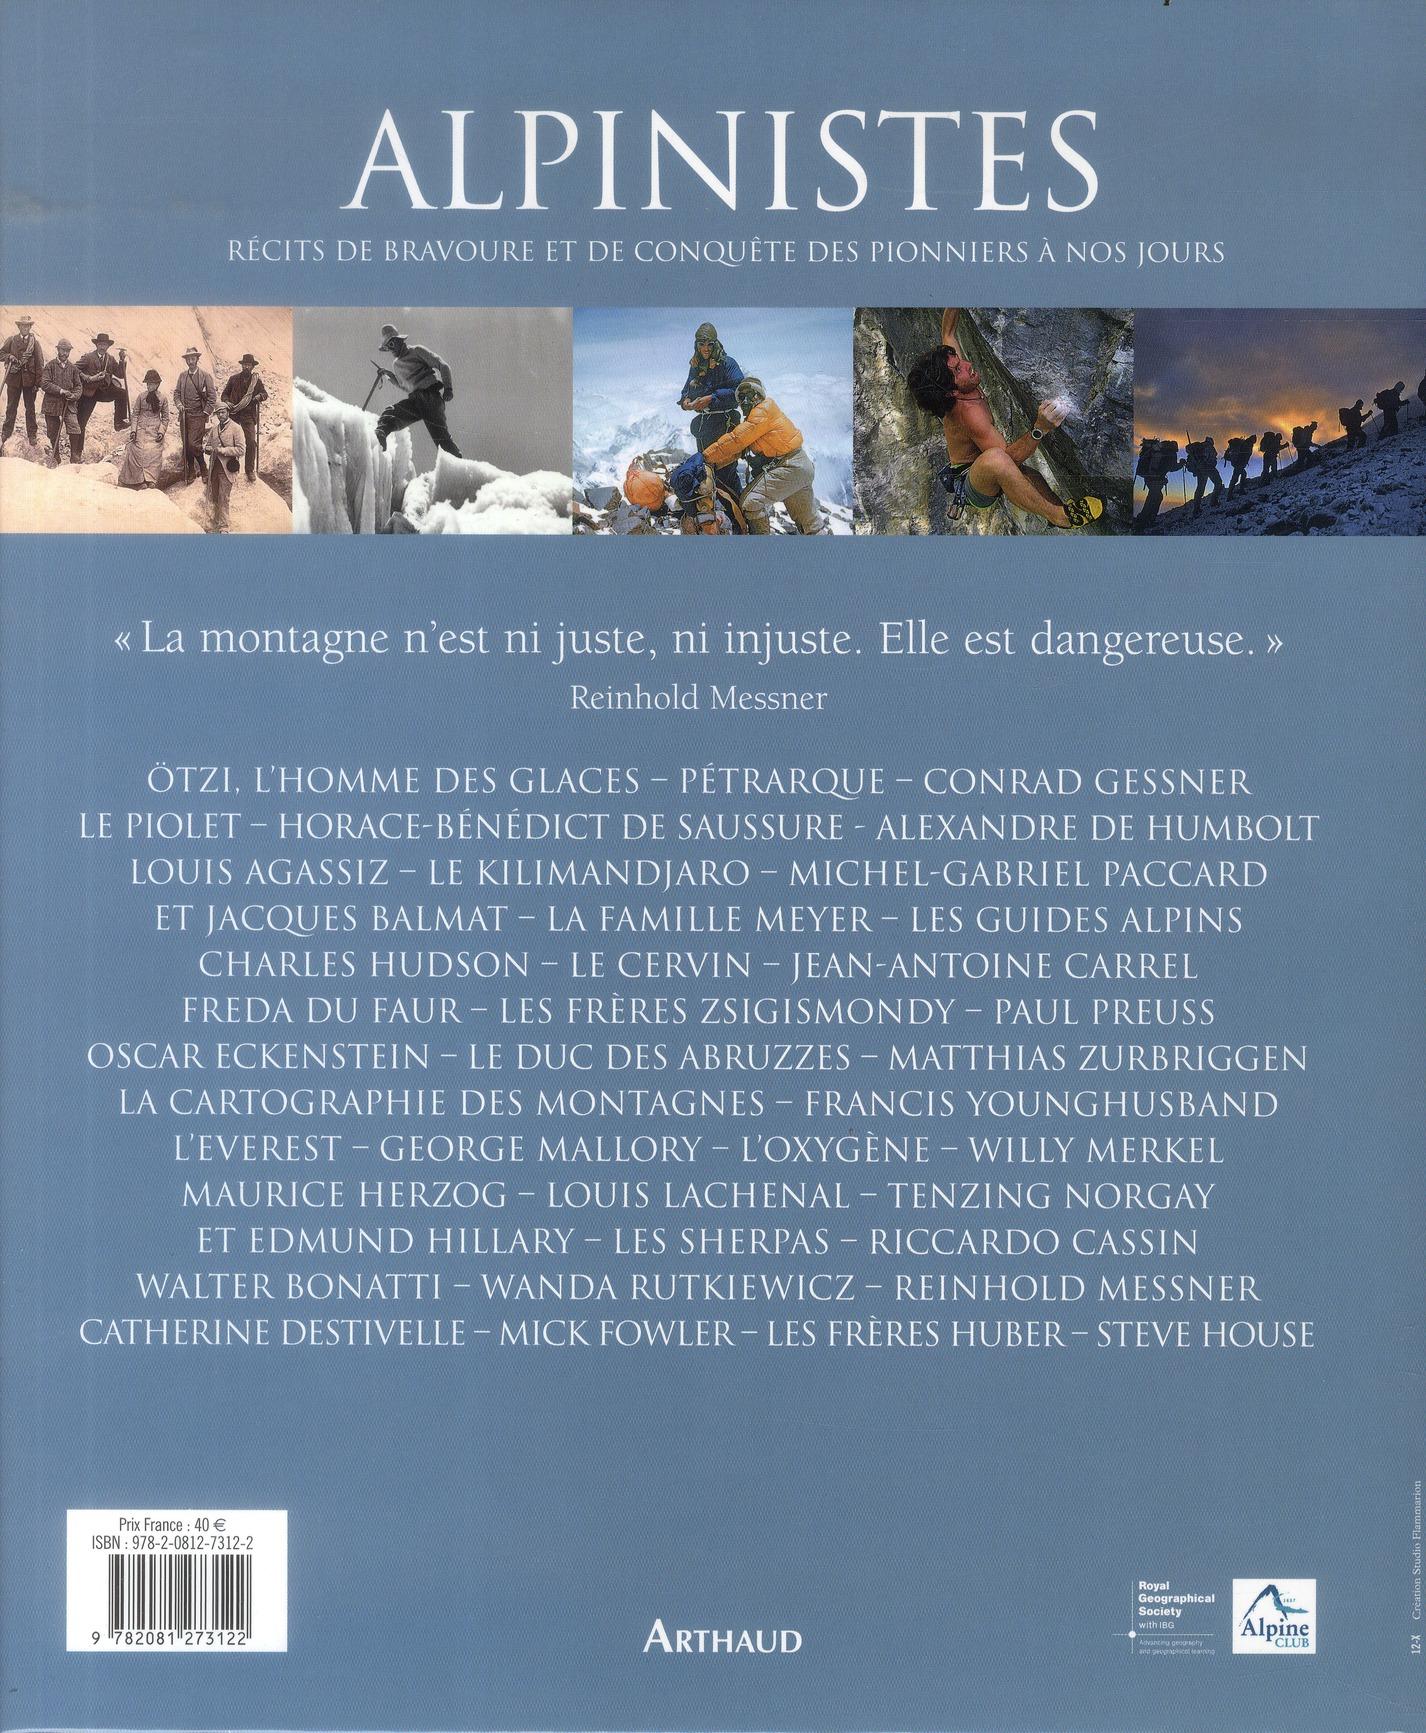 Alpinistes ; récits de bravoure et de conquête, des pionniers à nos jours